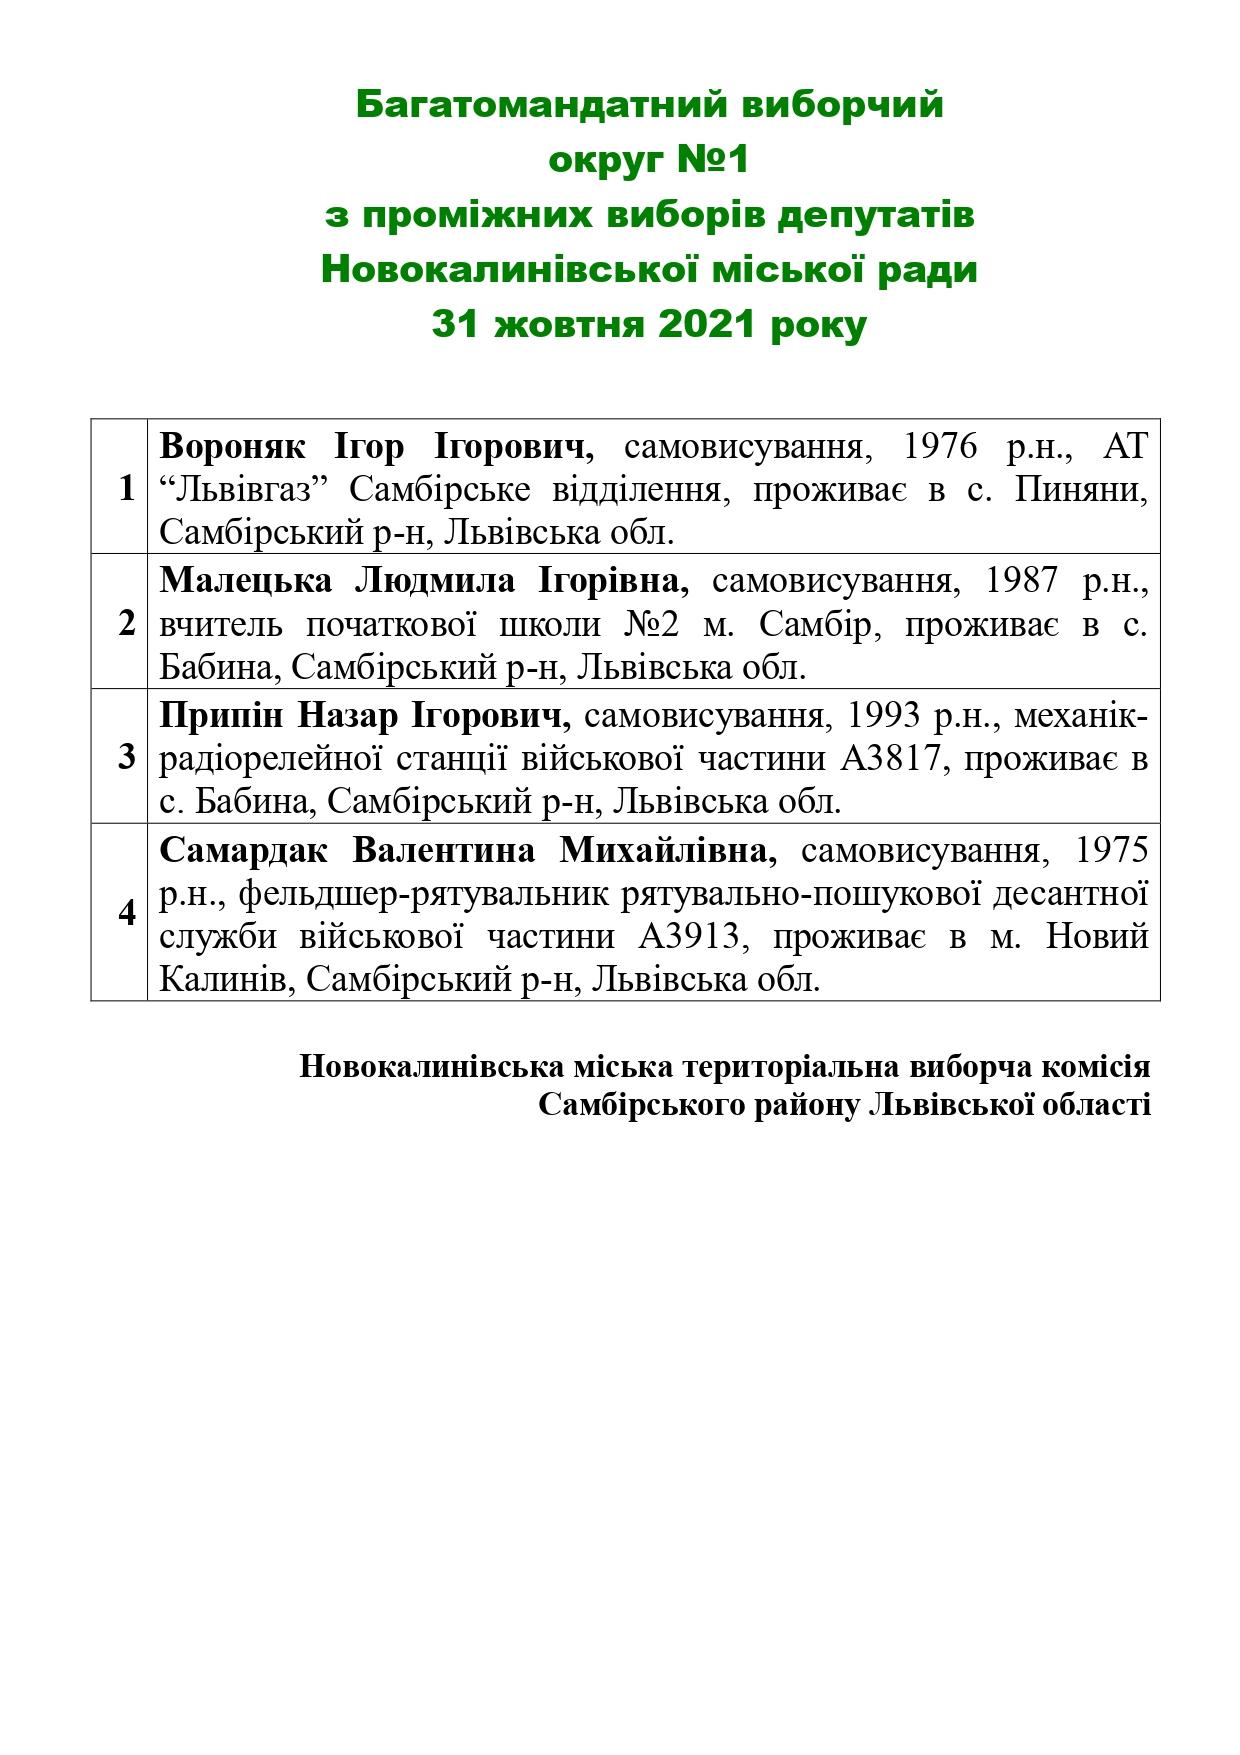 NOVOKALYNIVSKA MTVK INFORMUIe №1